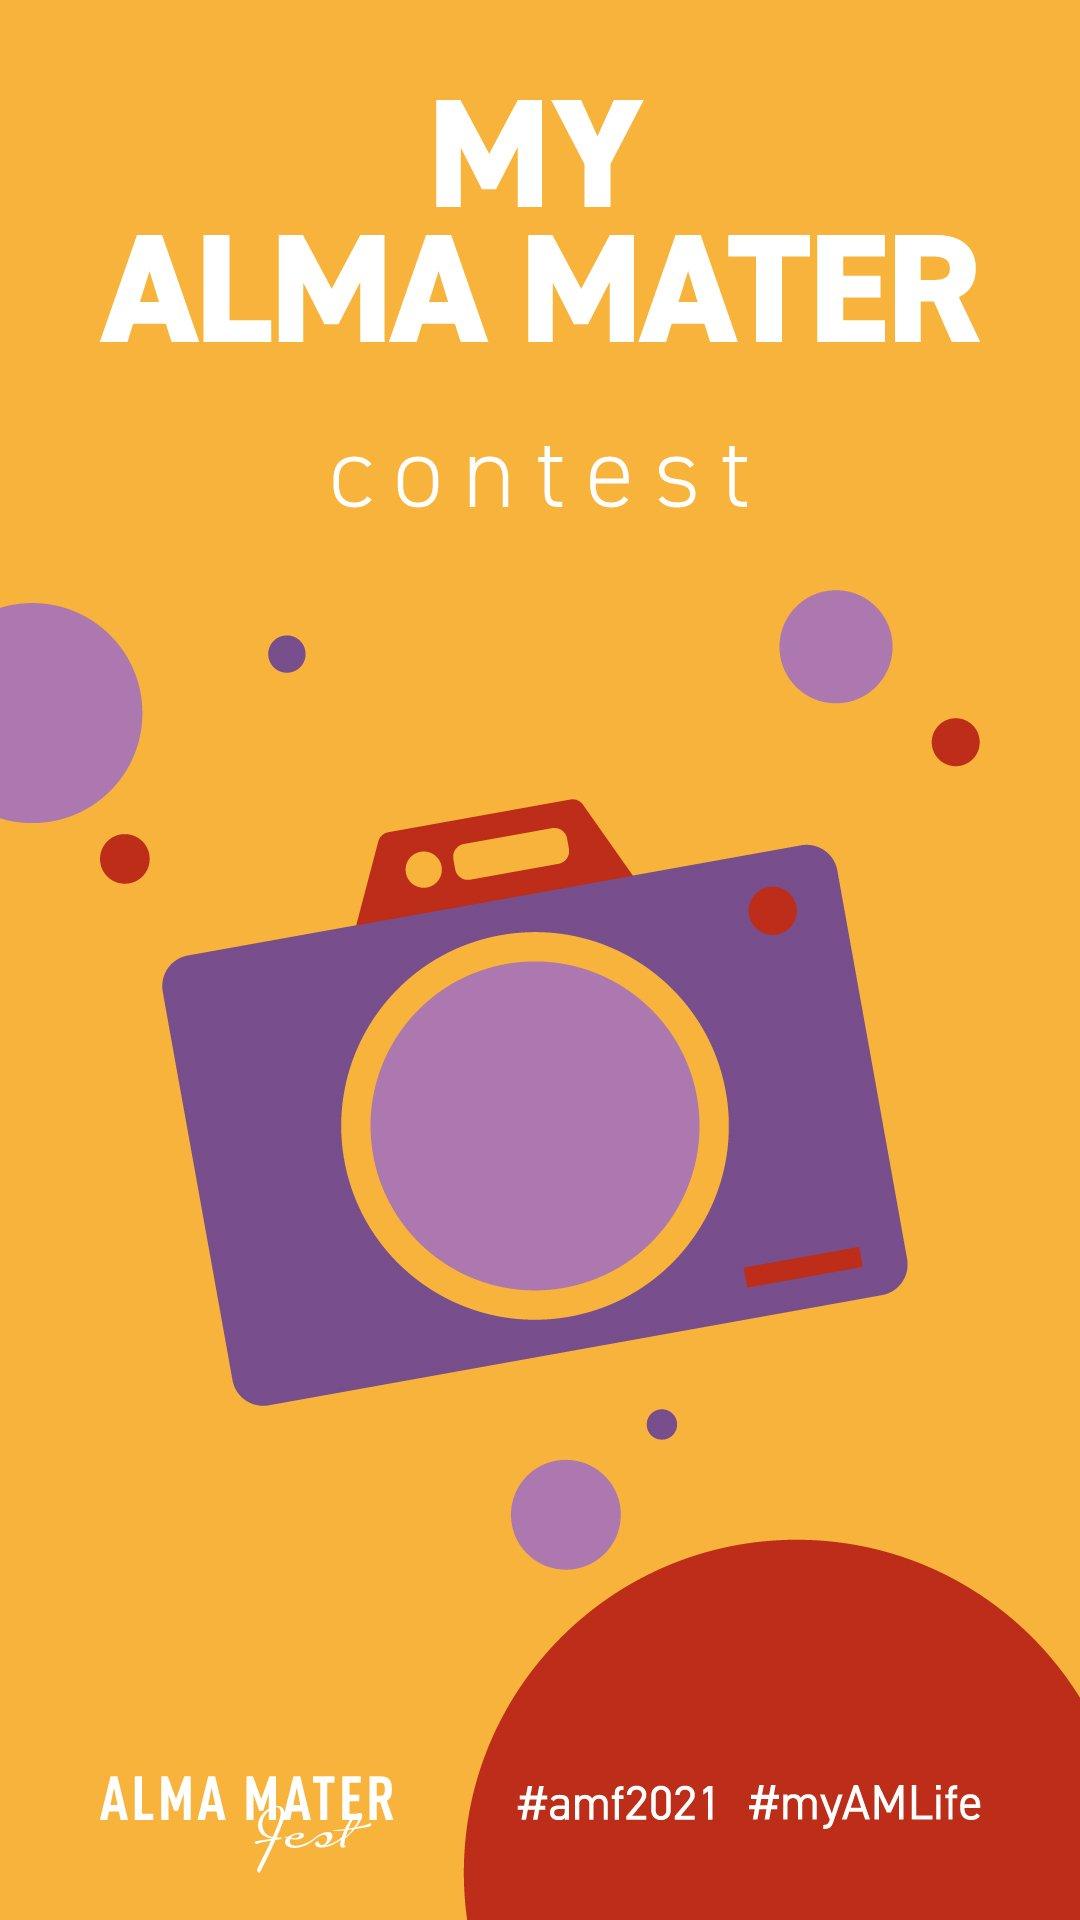 EN_AMF_IG_ContestFotografico_02_1080x1920